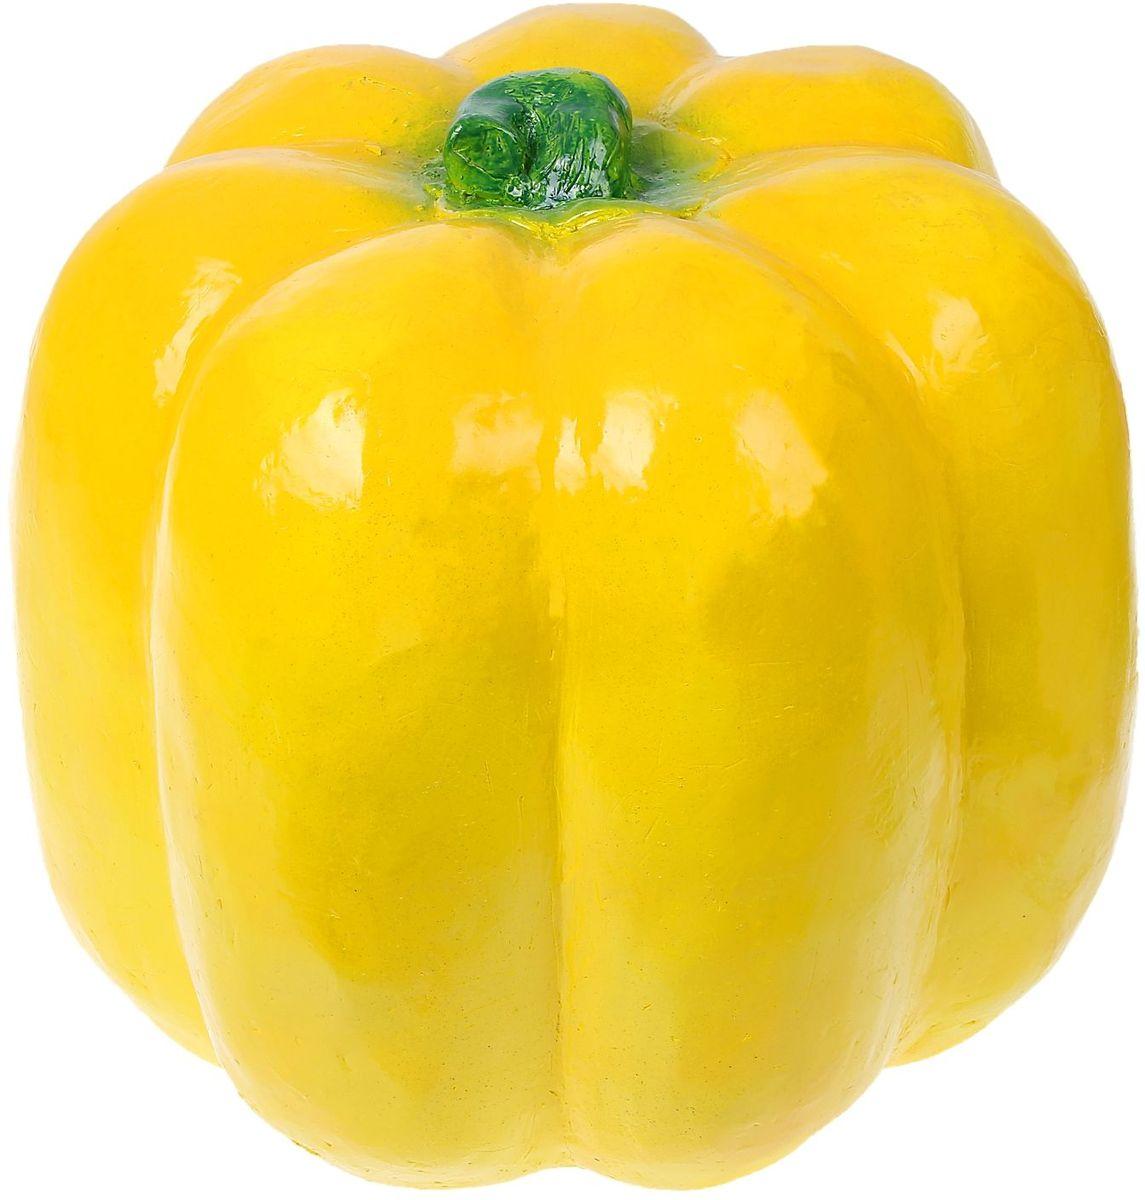 Фигура садовая Желтый перец, 35 х 30 х 35 см1078342Не удаётся вырастить крупные овощи? Не беда. Этот большой яркий перец затмит на садовом участке любой урожай. Колоритный декор добавит окружающему пространству новые краски, удивит соседей и вызовет восторг гостей. С помощью яркой садовой фигуры легко расставить акценты: например, привлечь внимание к цветочной клумбе или водоёму. Фигура из гипса отличается лёгкостью, экологичностью и долговечностью. Украшайте любимый сад оригинально.